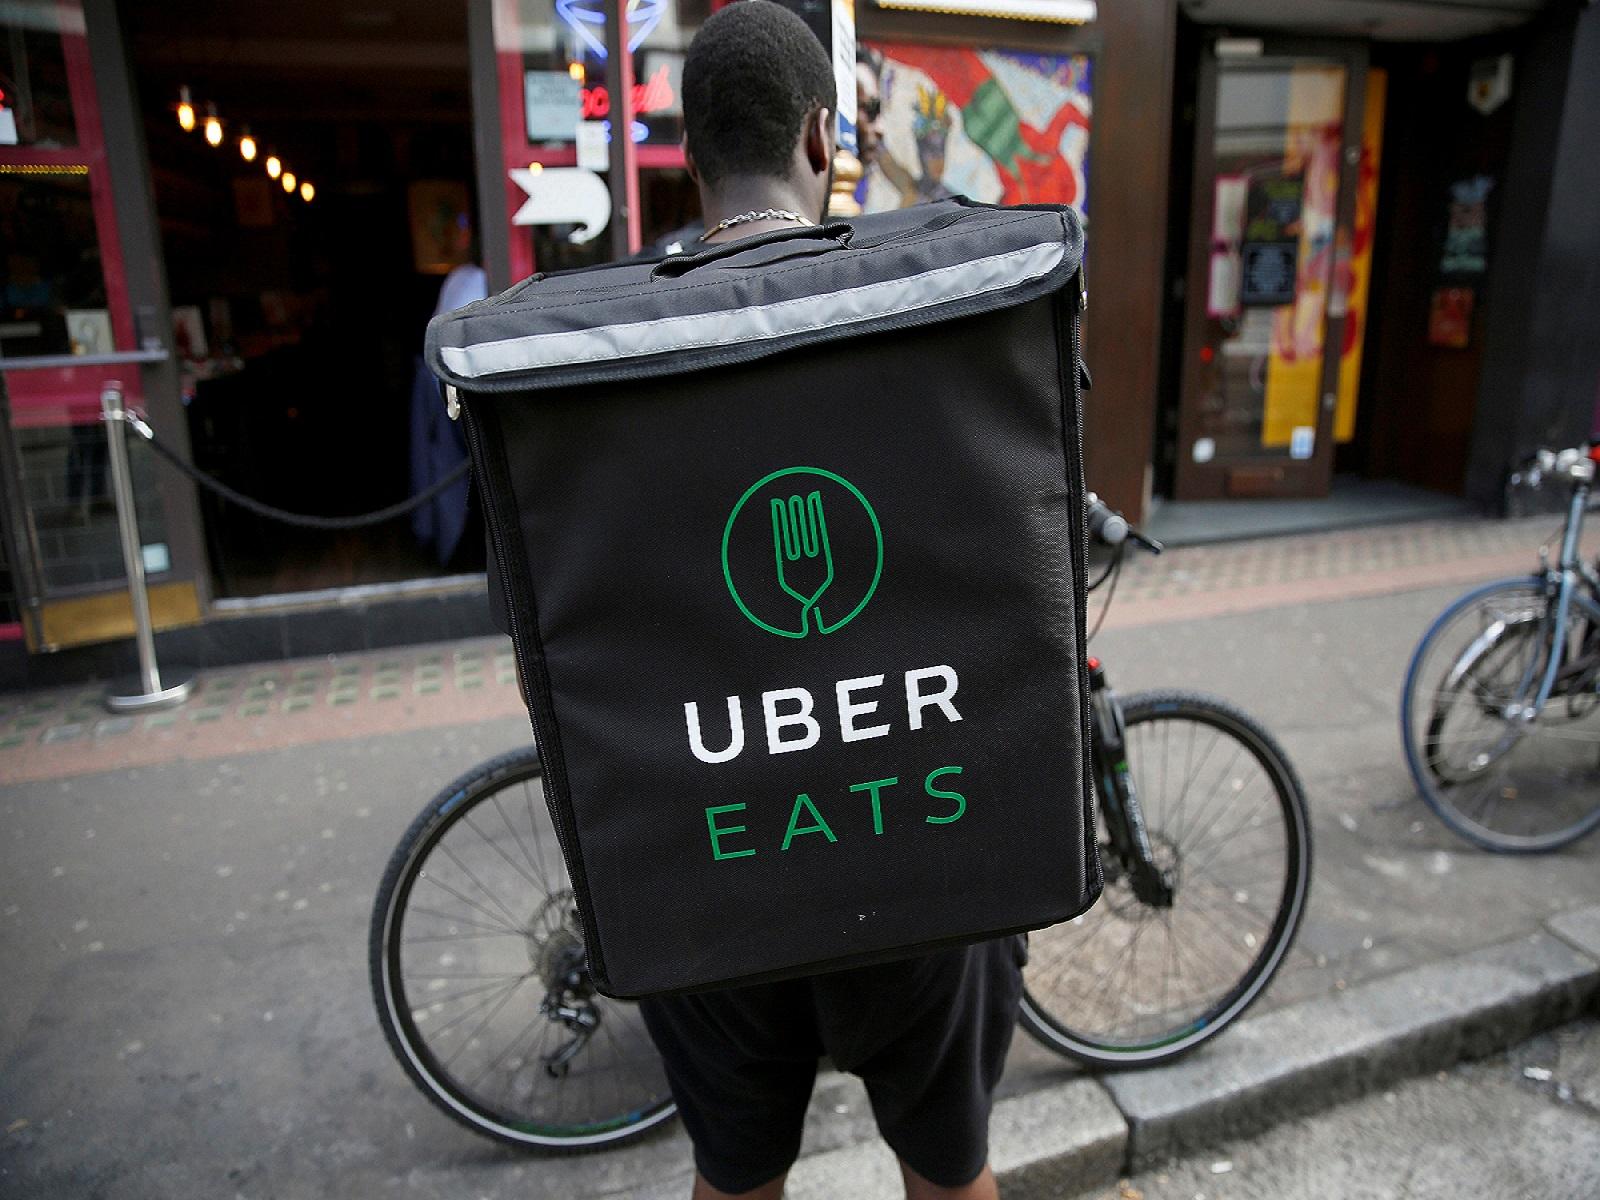 Drone pengantar makanan akan membantu layanan Uber Eats. Foto oleh ridesharingforum.com